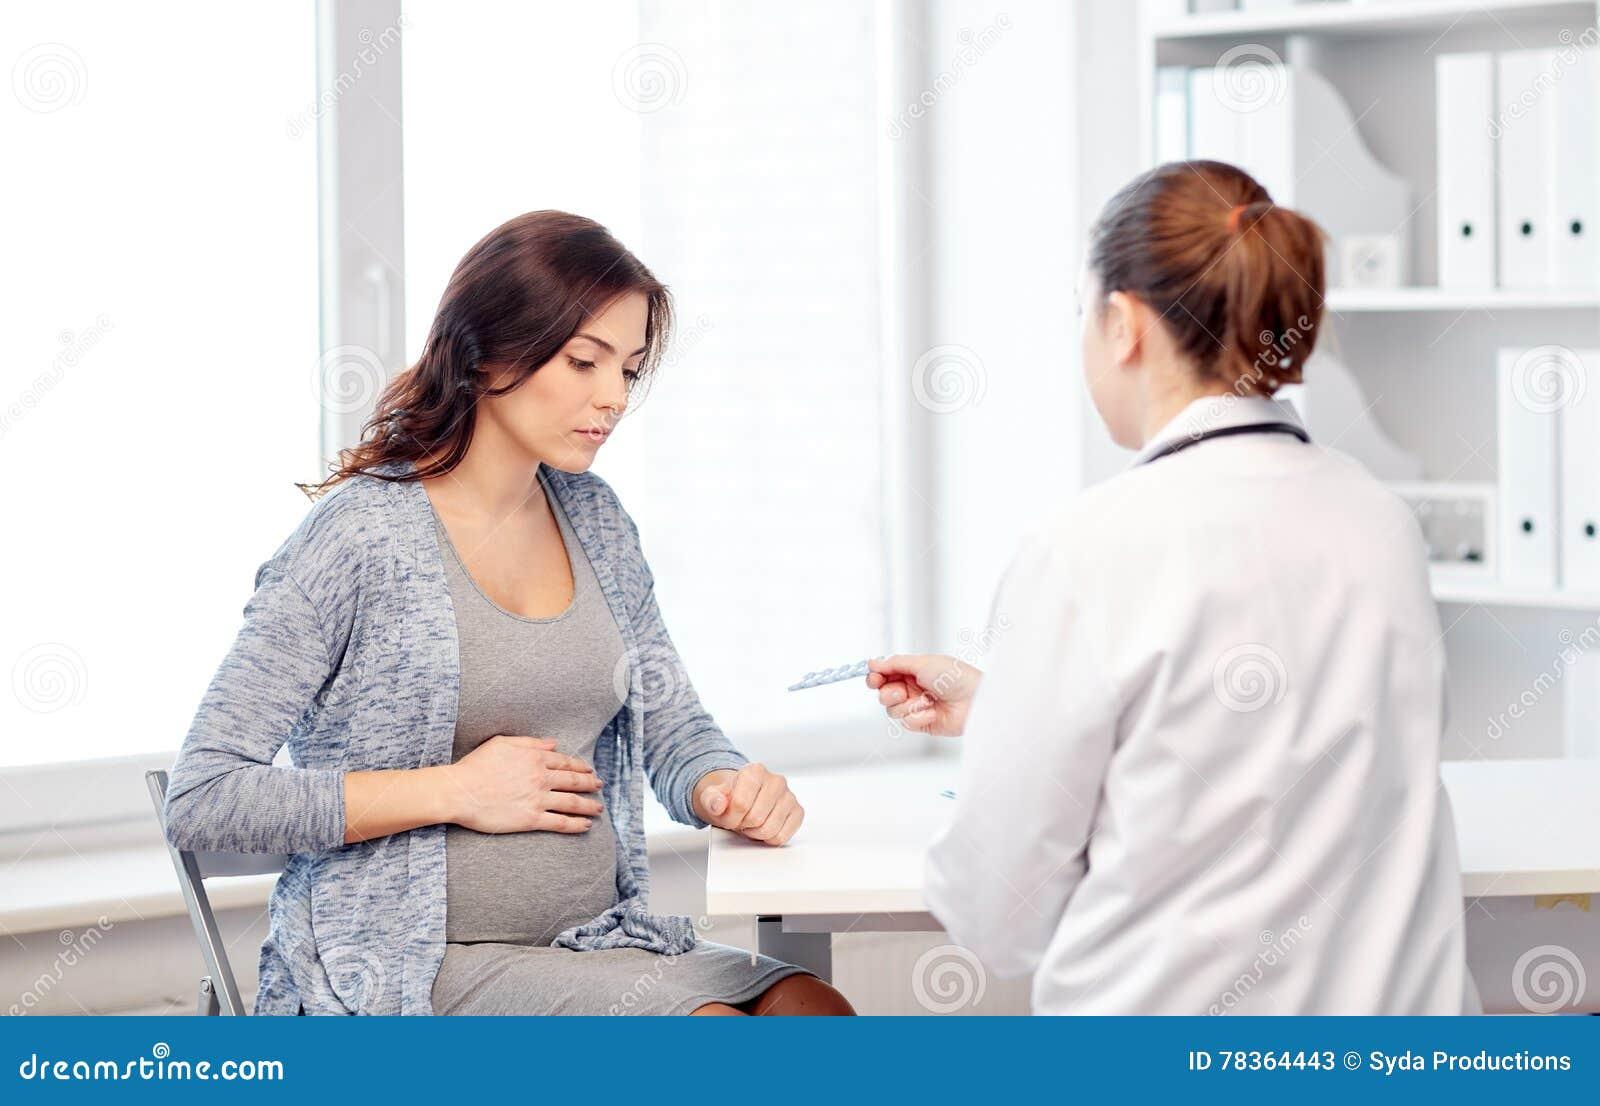 Беременные у гинеколога фото фото 51-123